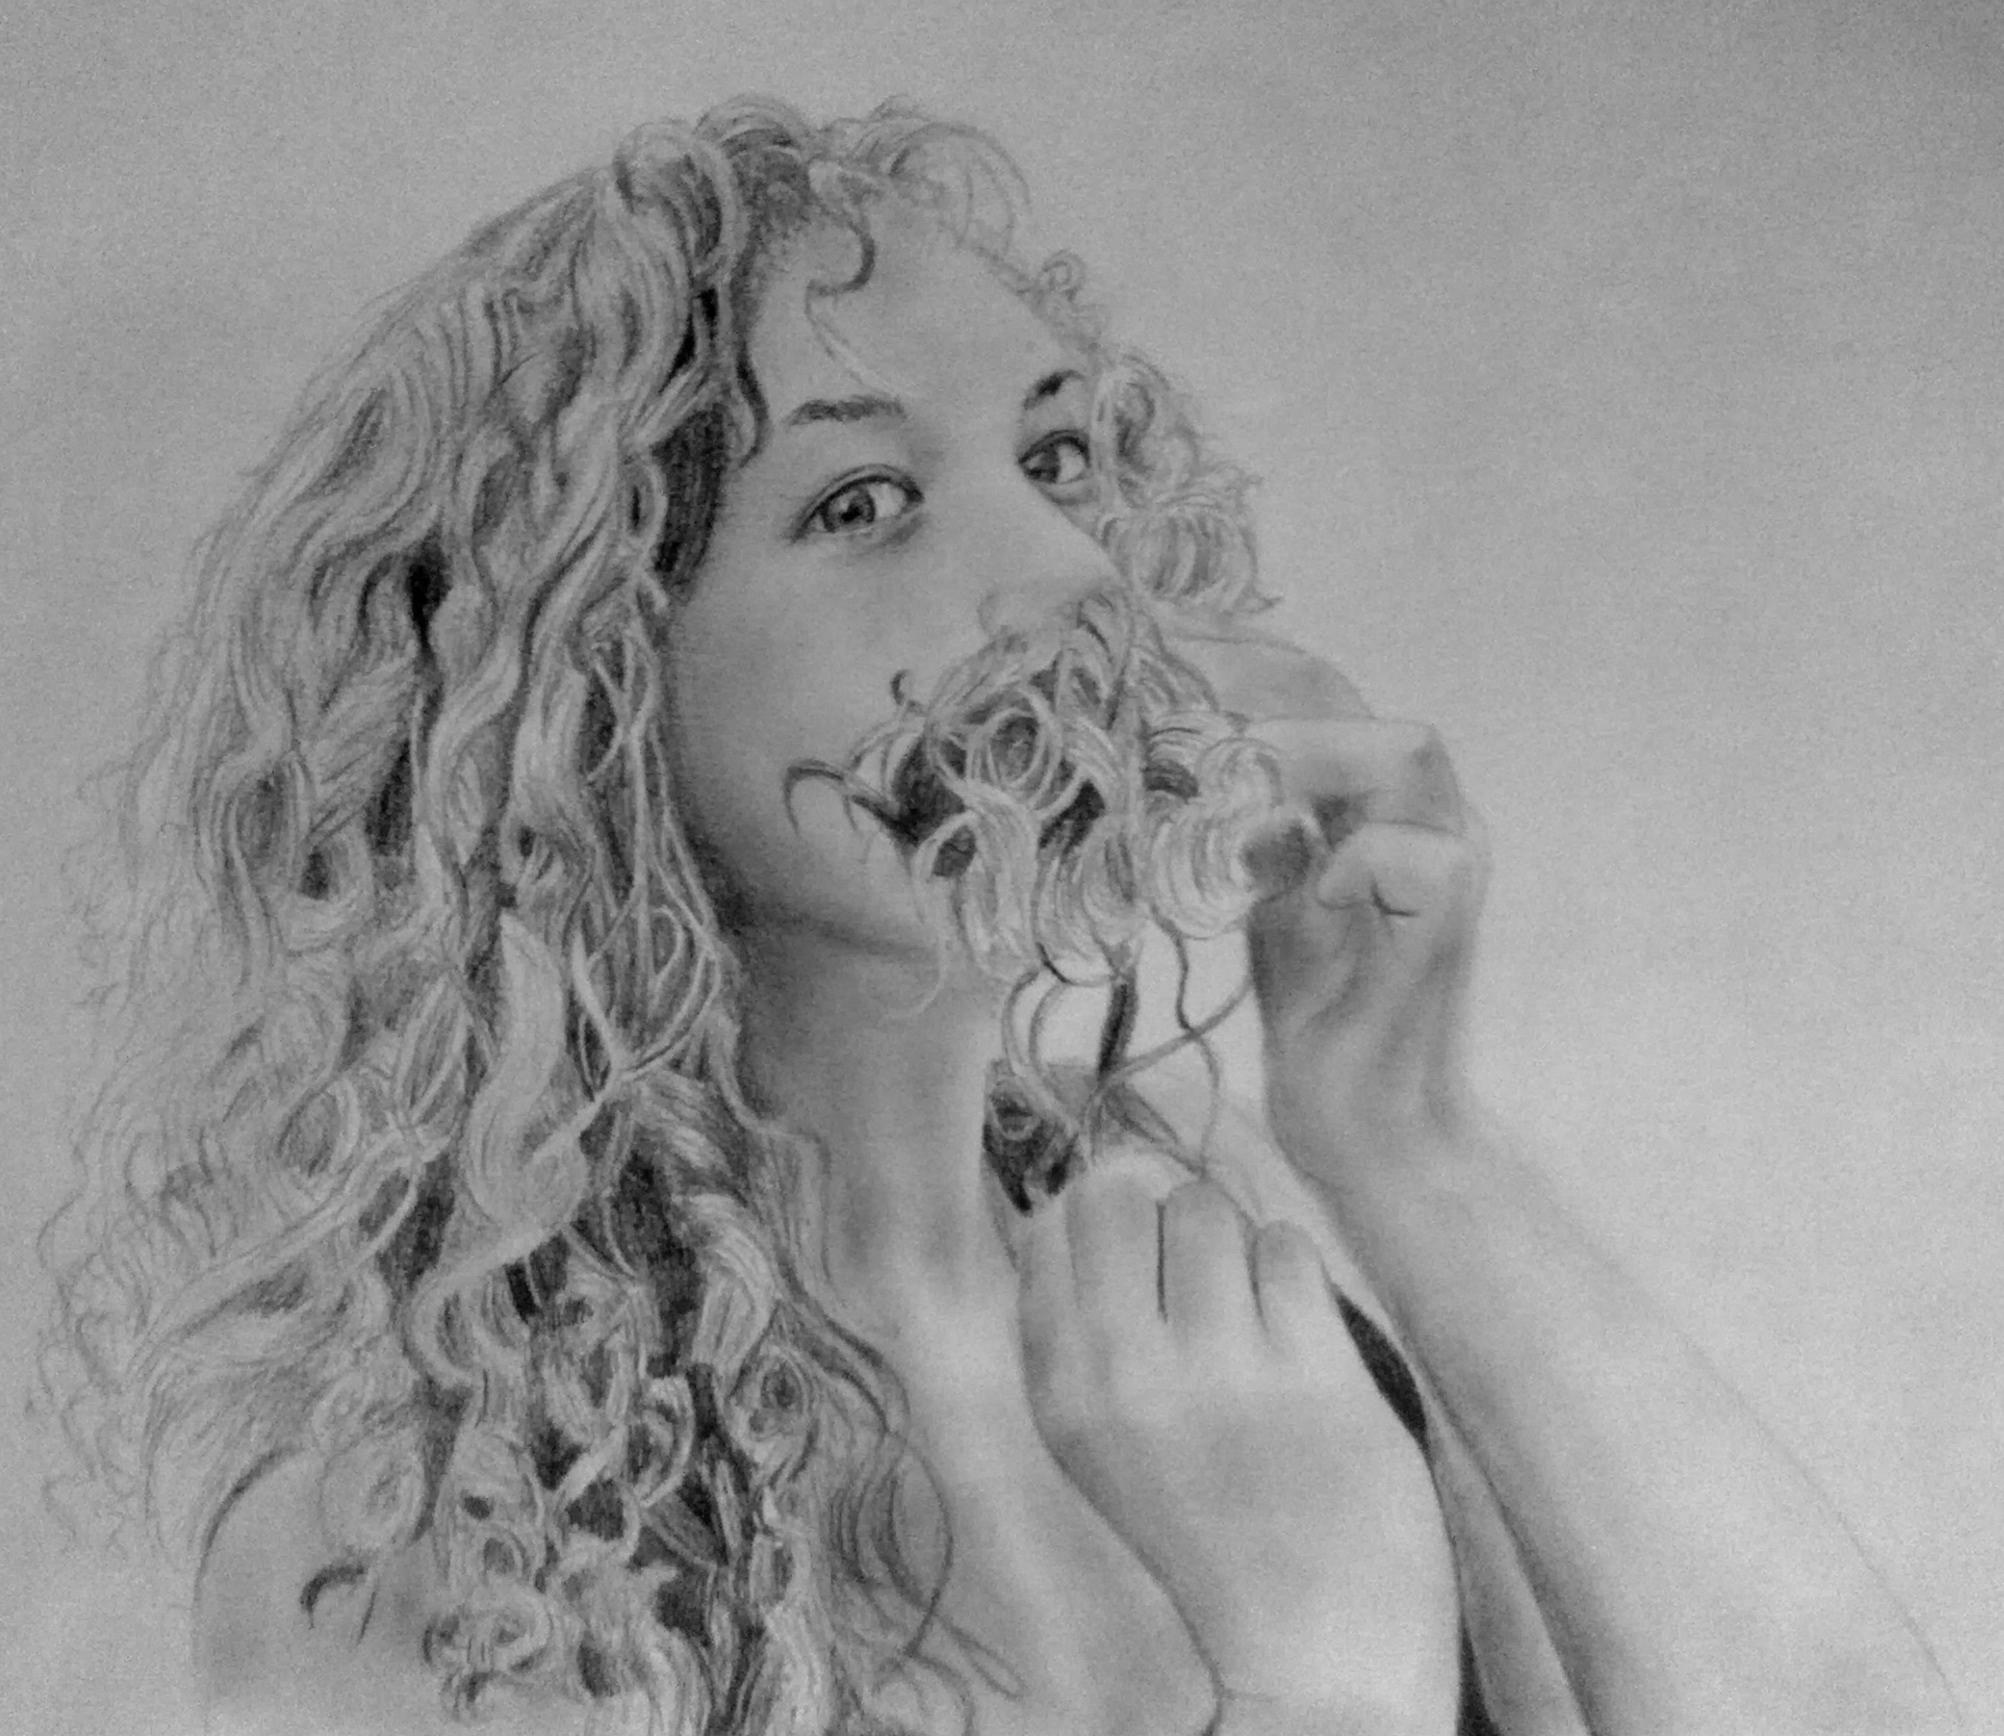 Portrait by Maciek97x